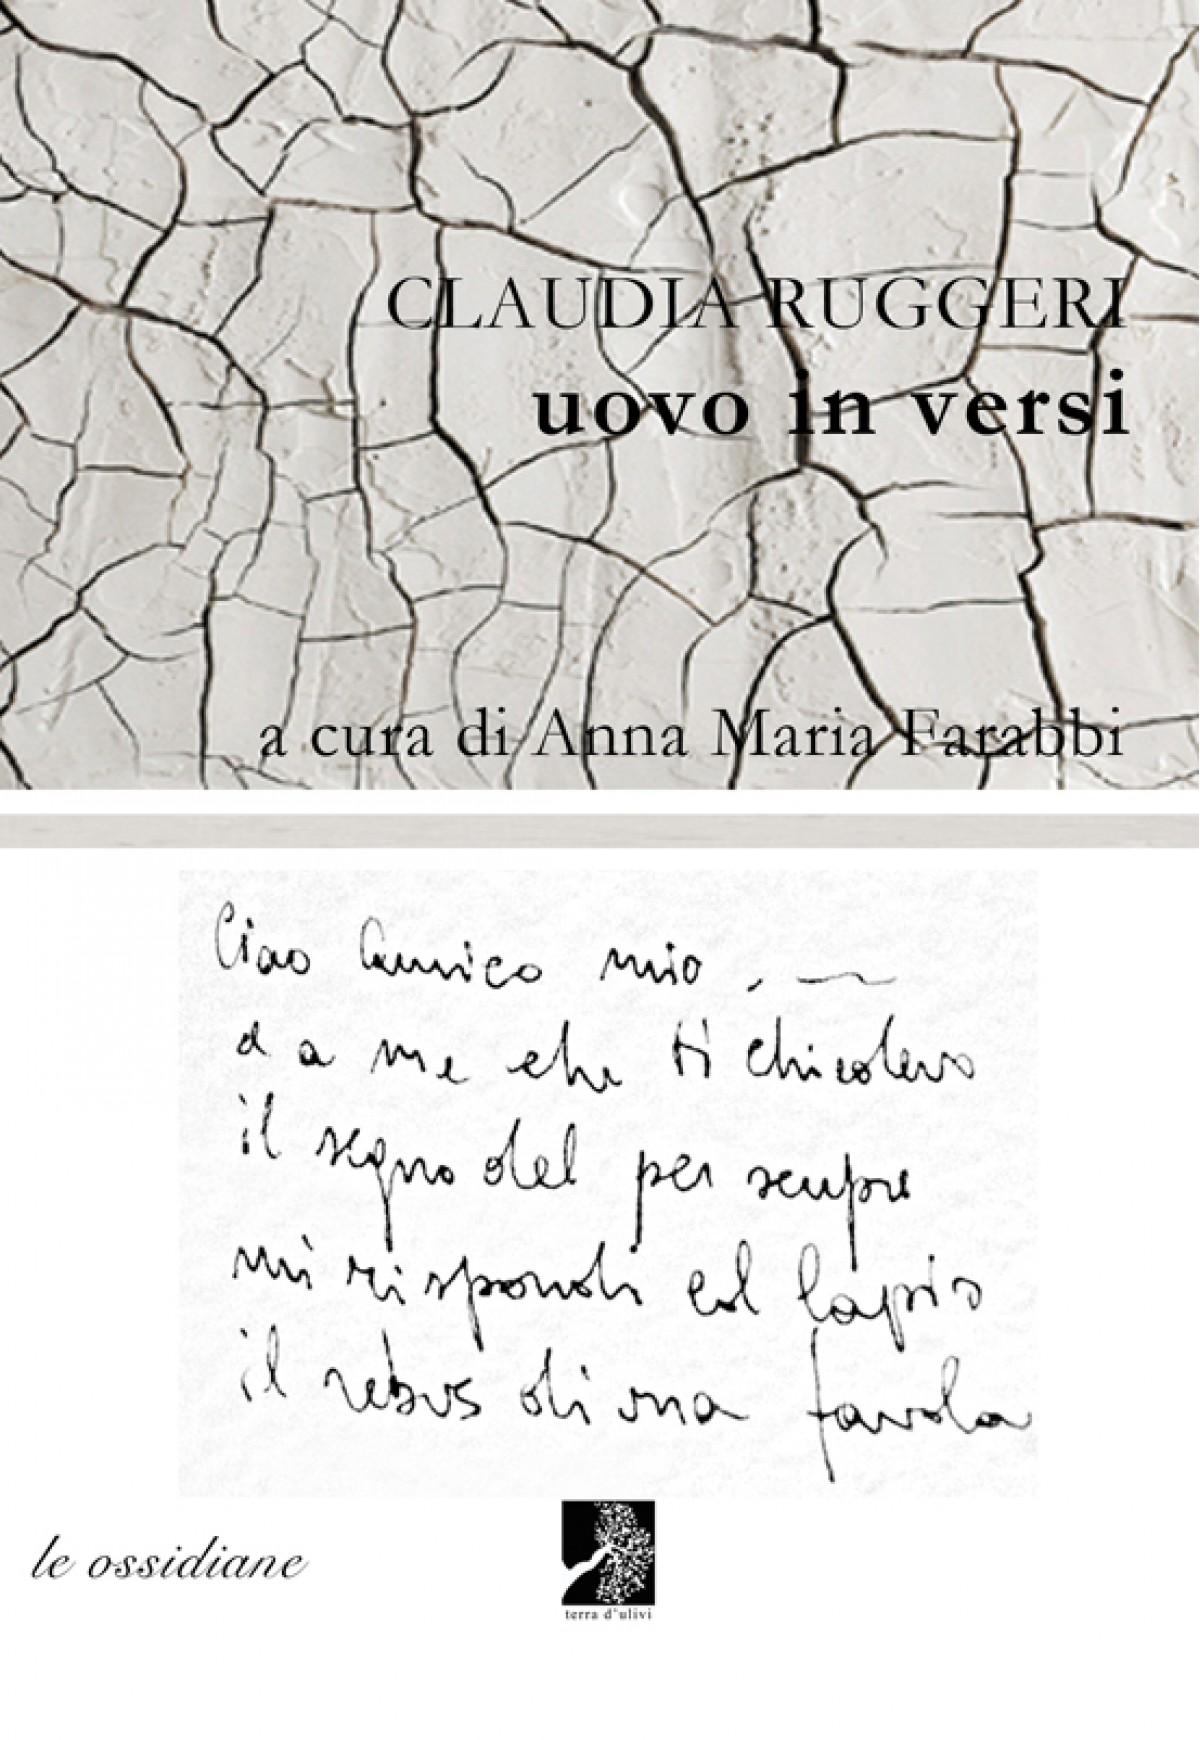 """Claudia Ruggeri legge da """"Inferno minore"""" """"il MattoII (morte in allegoria) Ninive"""